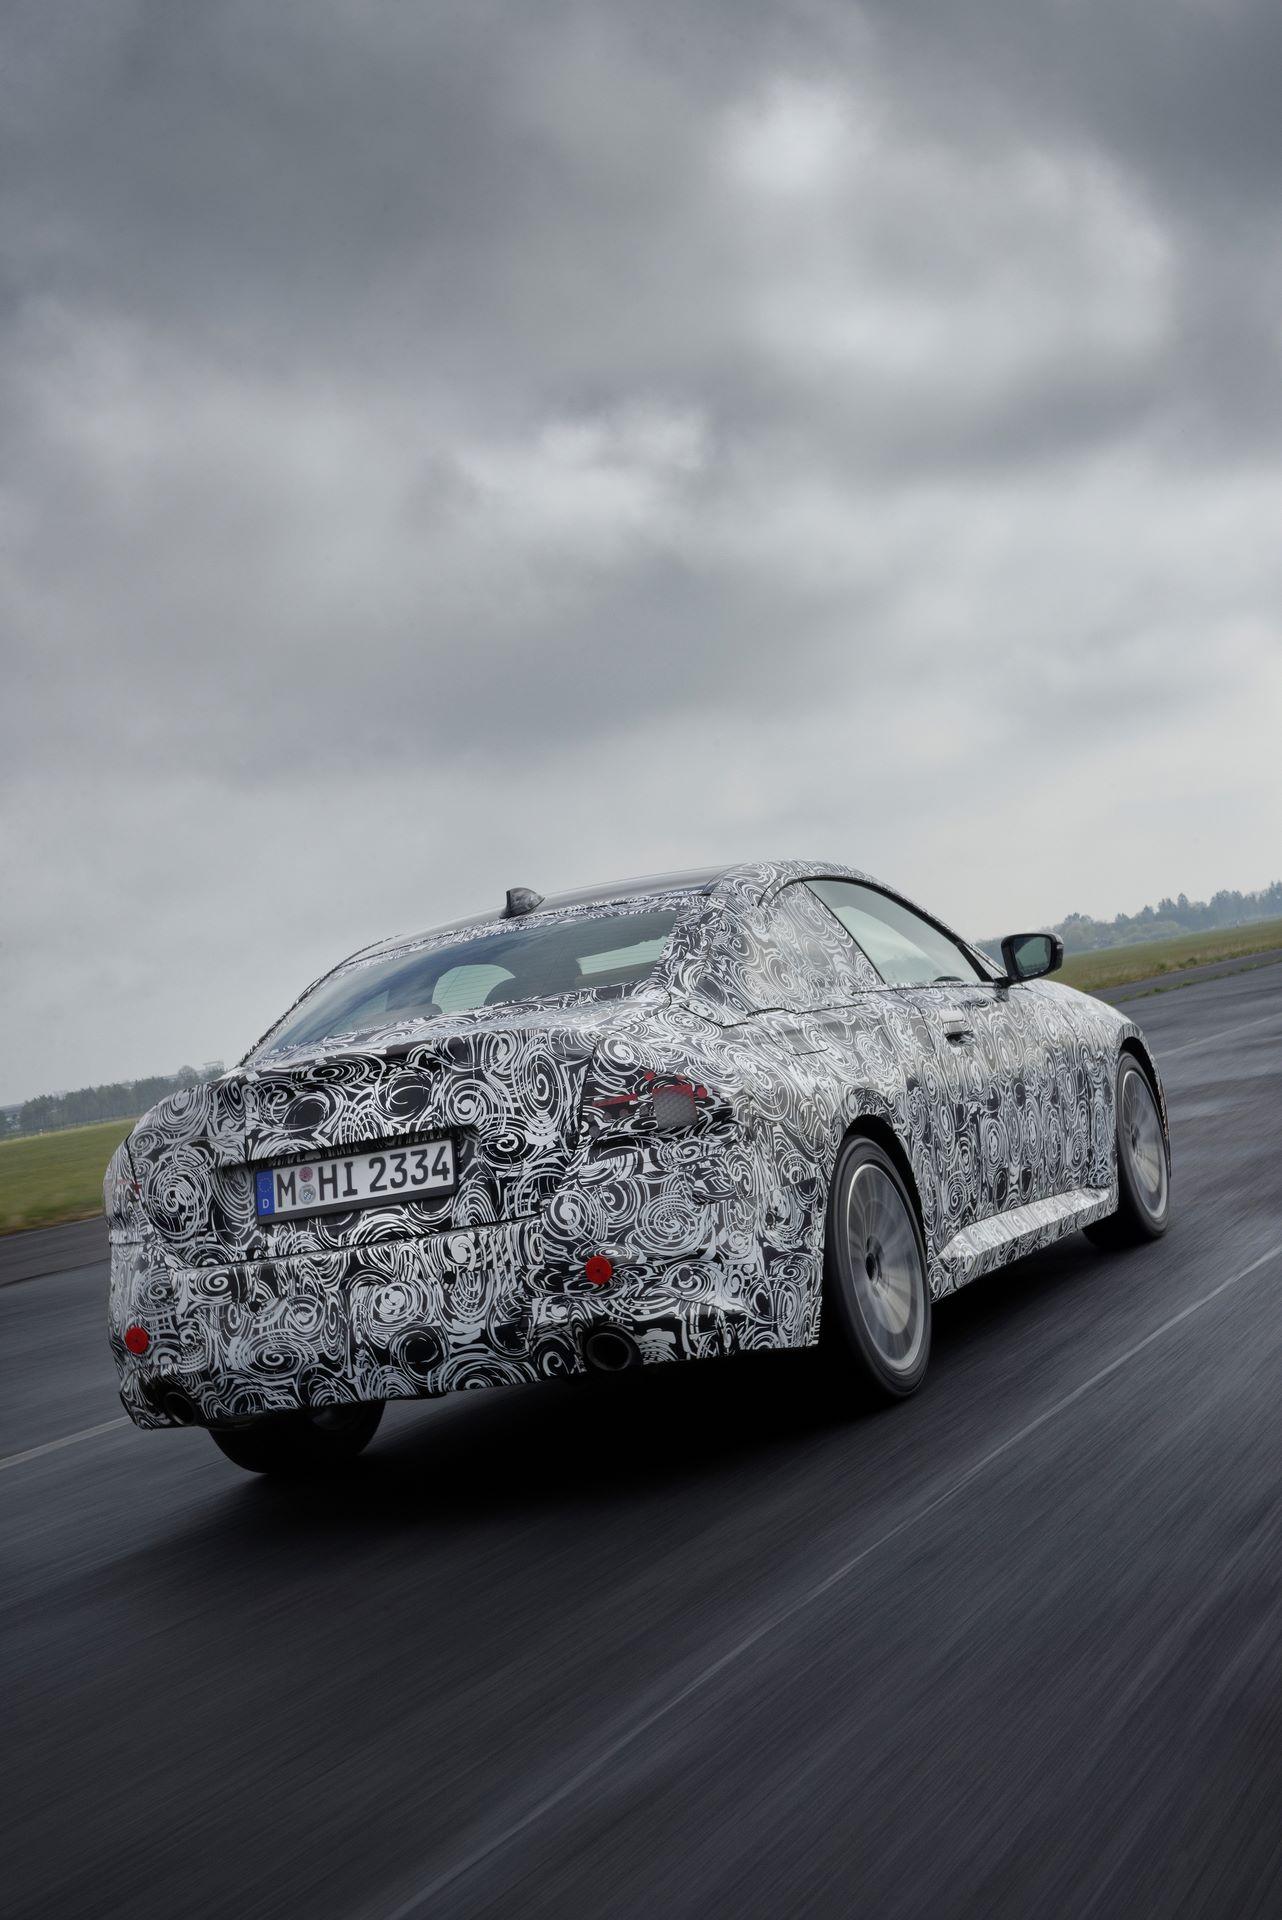 BMW-2-Series-M240i-spy-photos-6